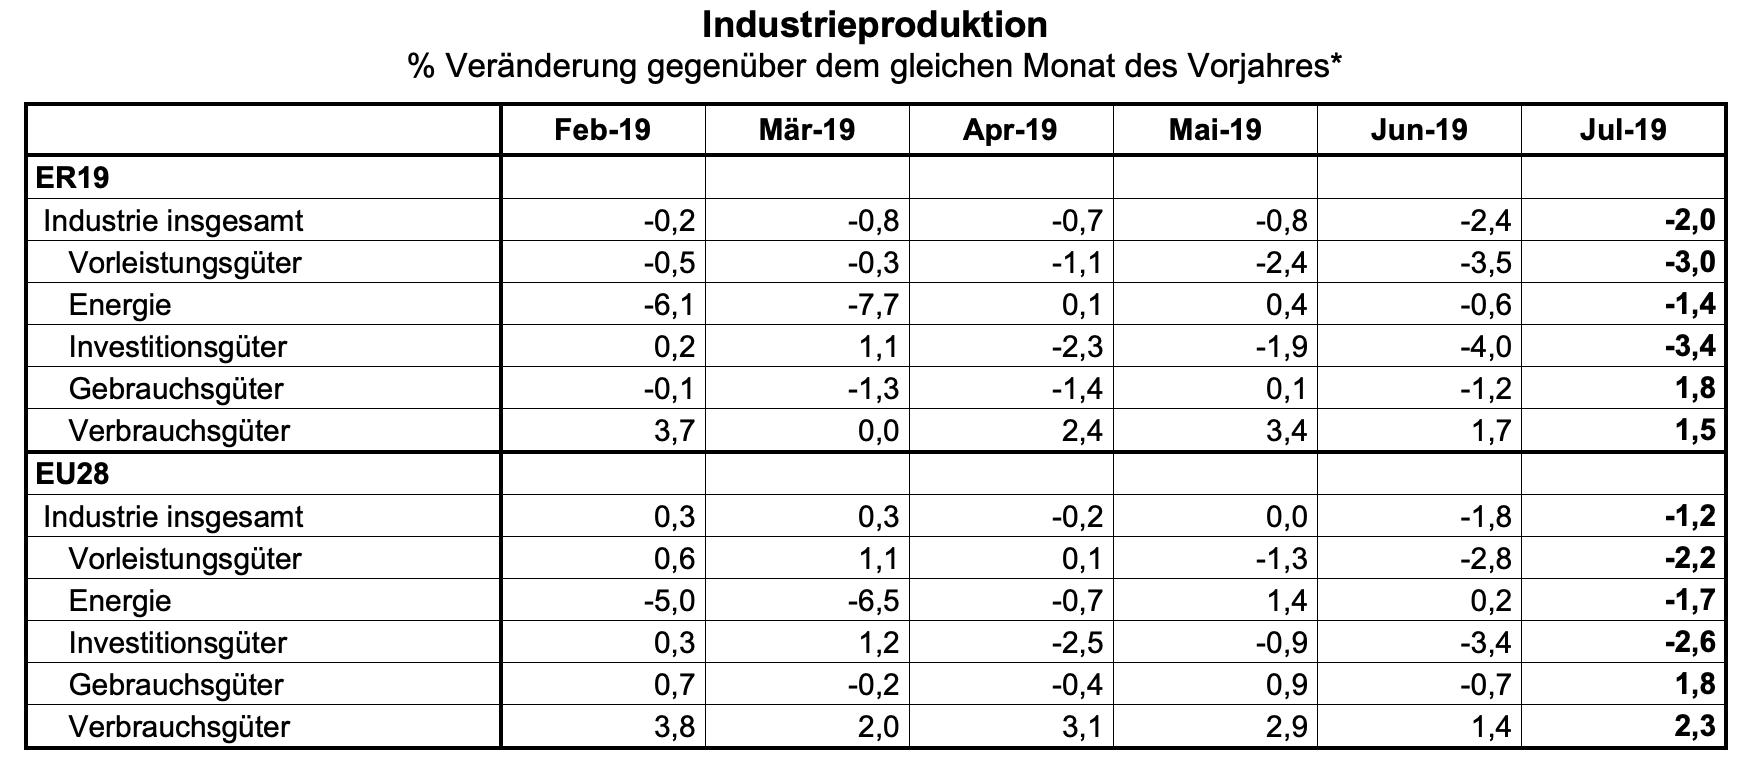 Industrieproduktion Juli Tabelle